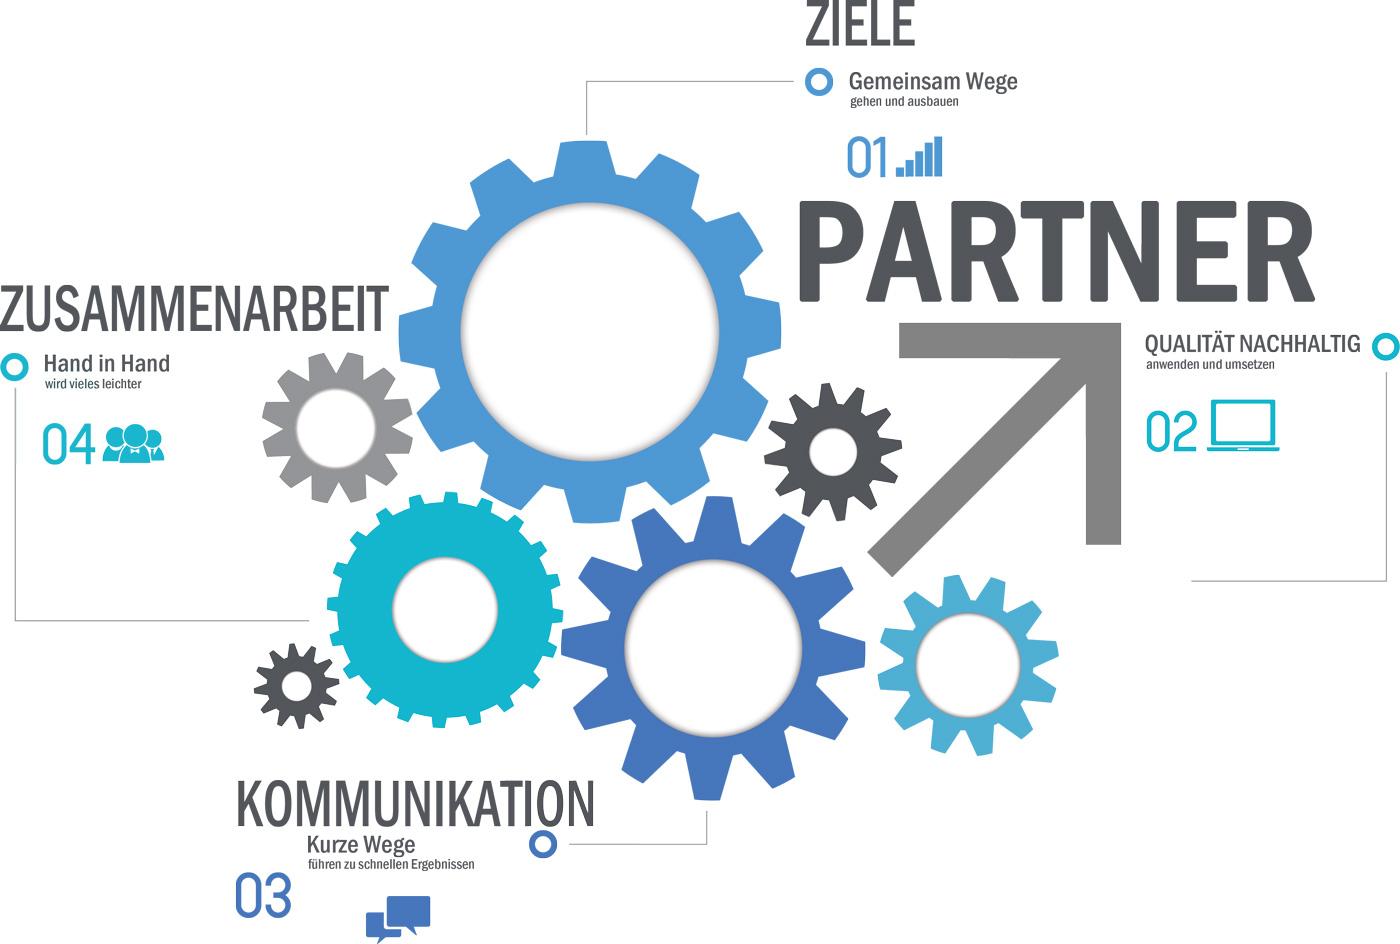 MW-ITD GmbH - It Service, IT Projekte, IT Rollout, IT-Partnerschaft